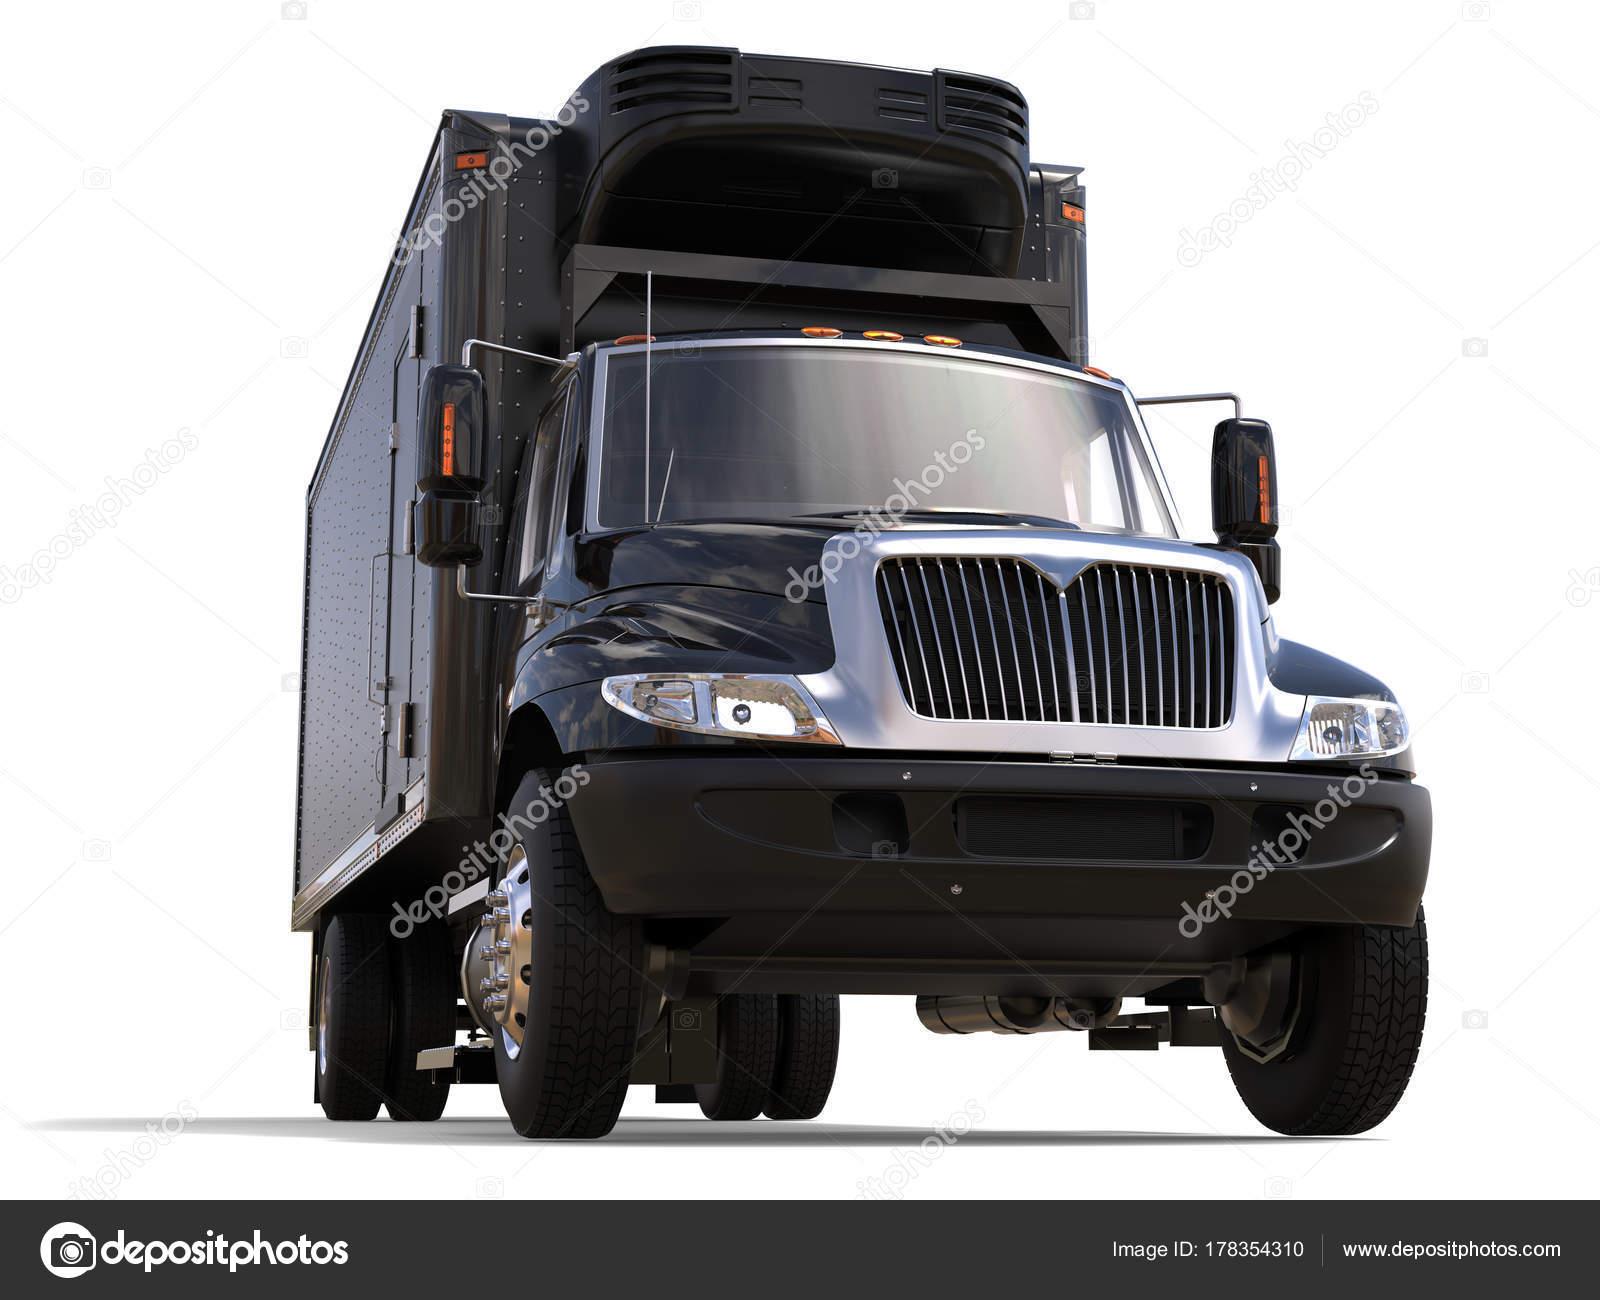 Amerikanischer Kühlschrank Transportieren : Schwarzer kühlschrank lkw mit unit schwarz trailer vorderansicht